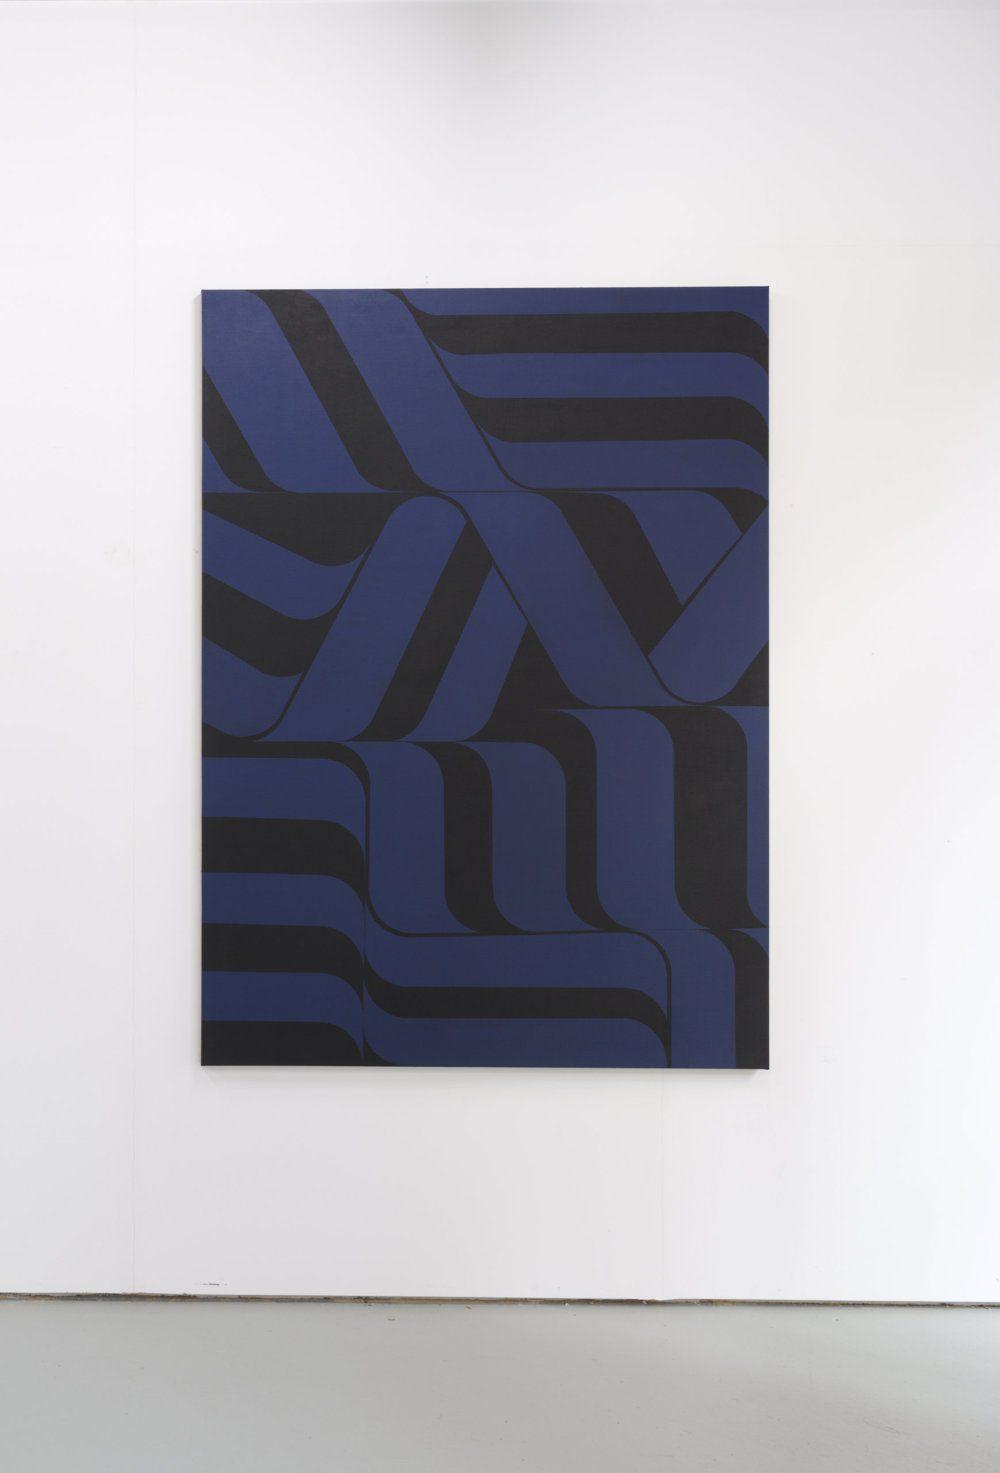 Harry Markusse schilderij 180 x 130 cm